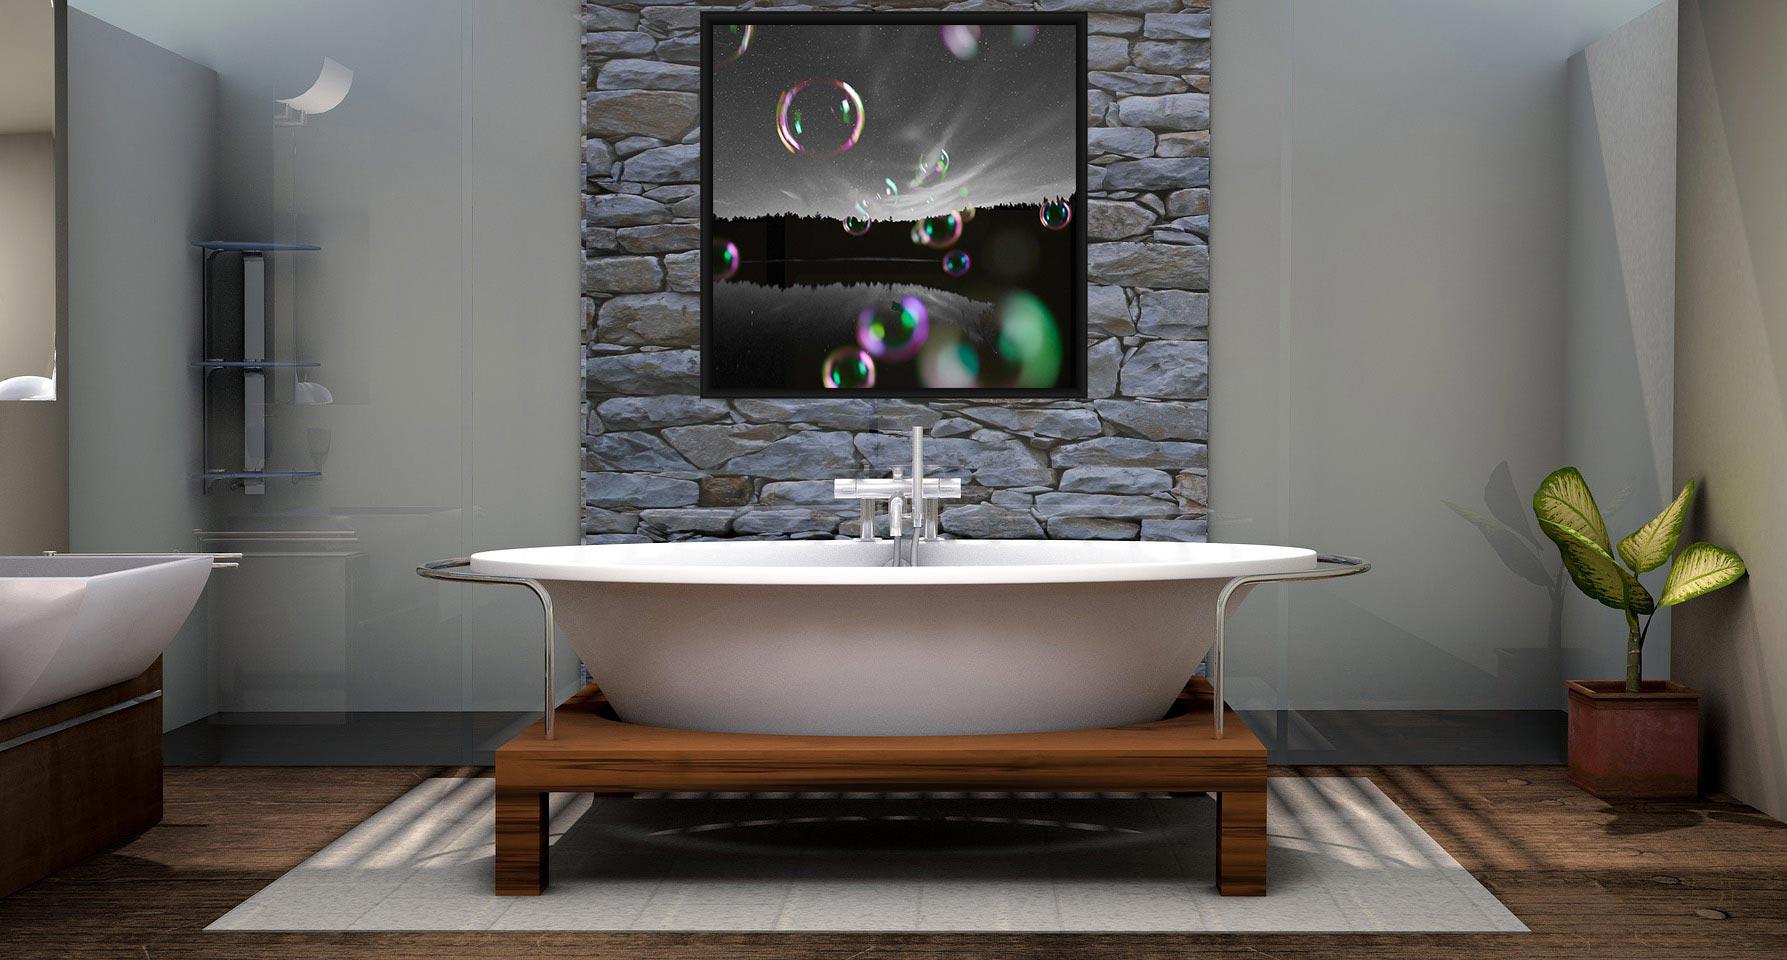 oeuvre-art-photographique-dans-une-salle-de-bain-au-quebec